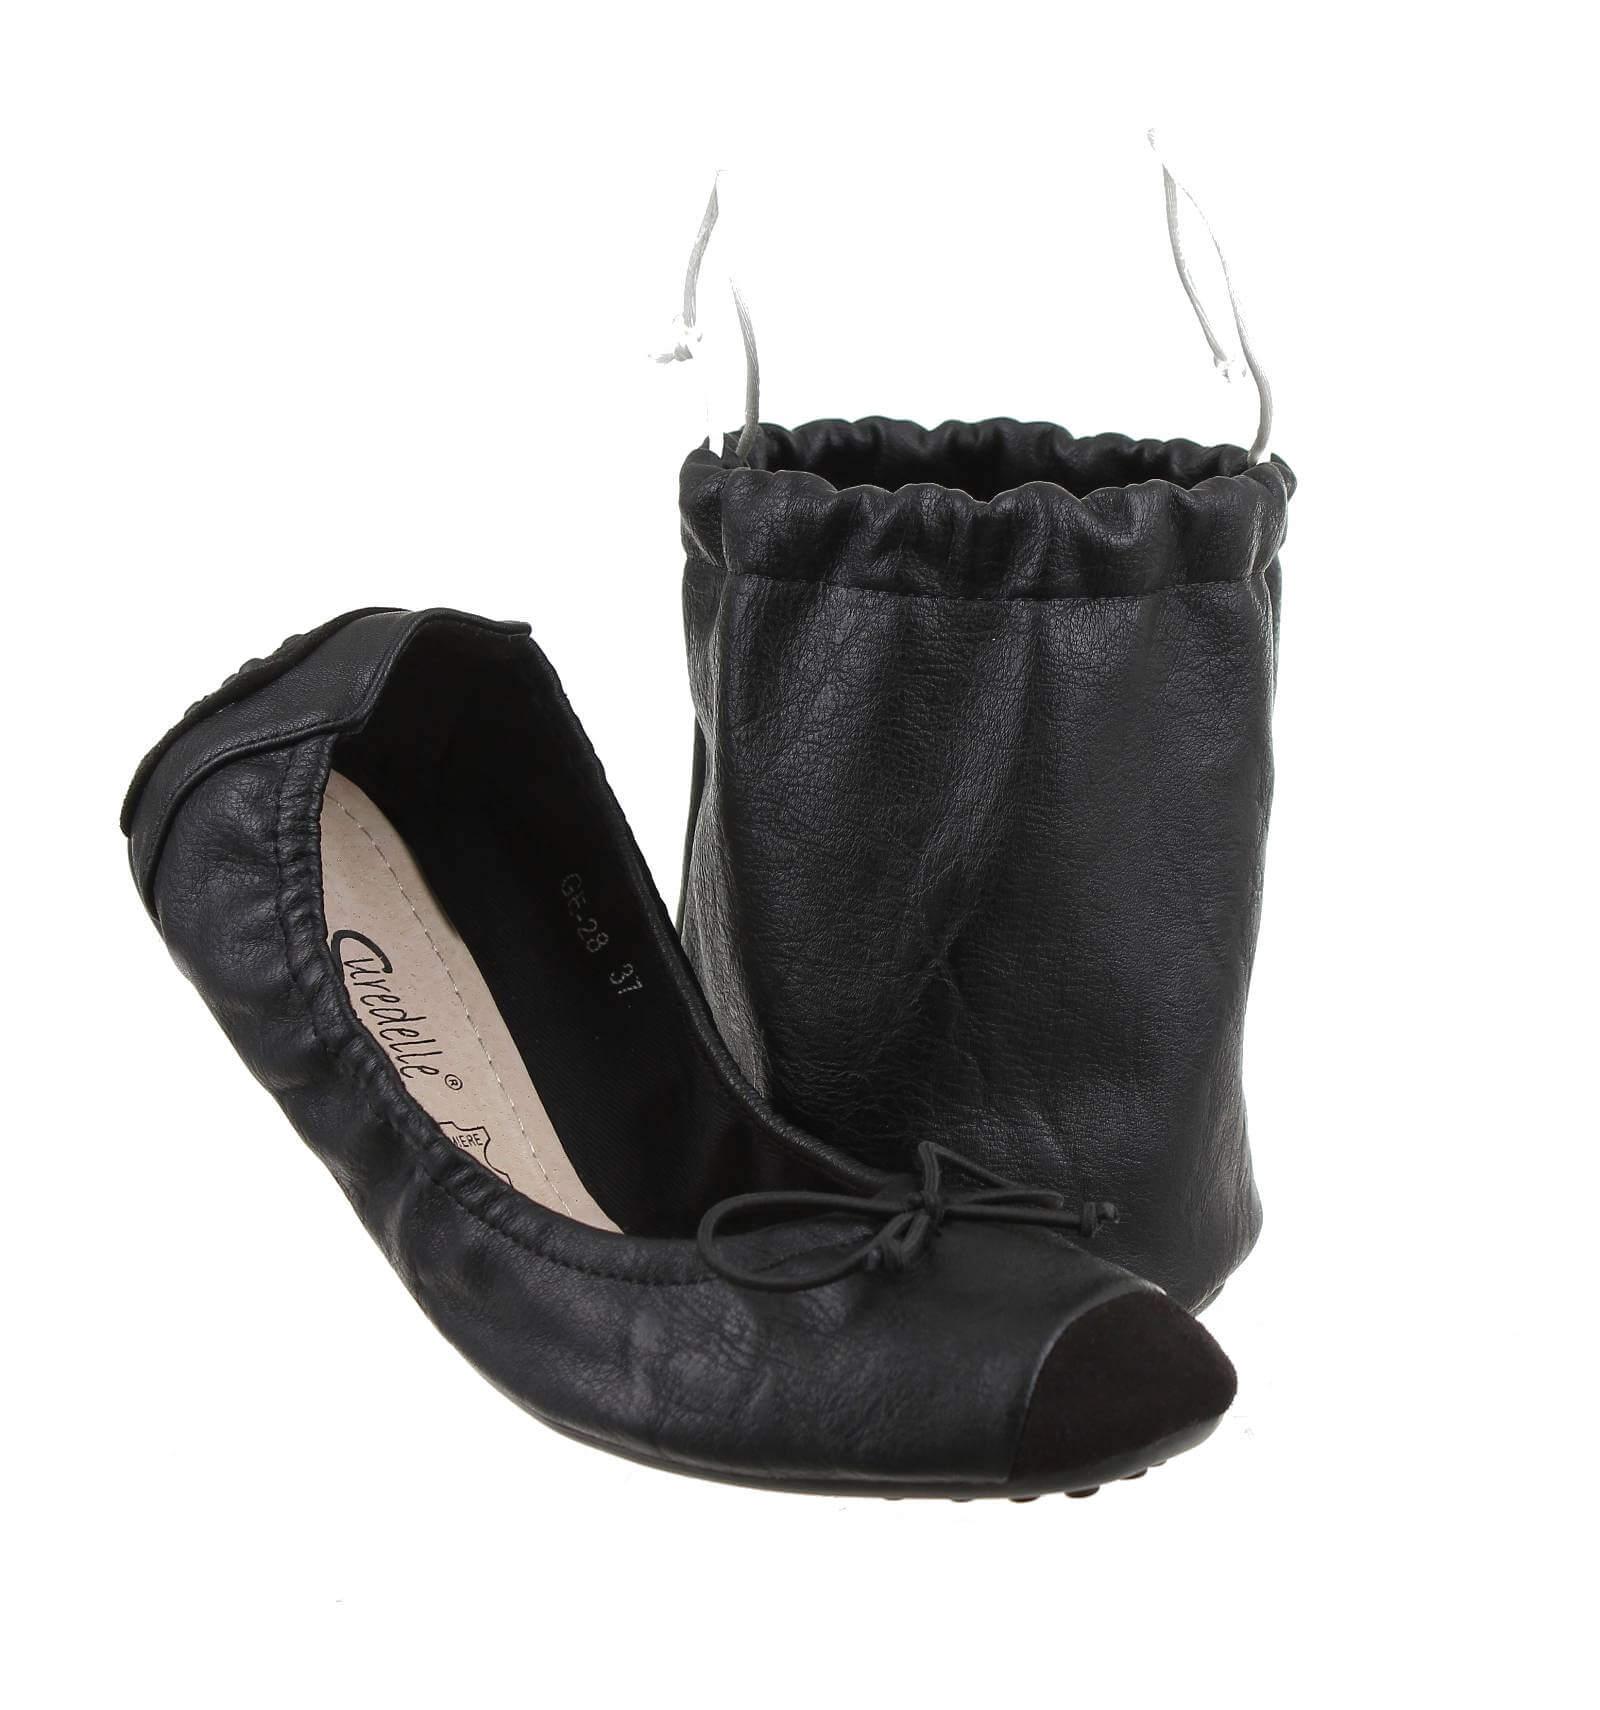 ballerine pliable femme pour voyage a pochette de rangement noir liz. Black Bedroom Furniture Sets. Home Design Ideas